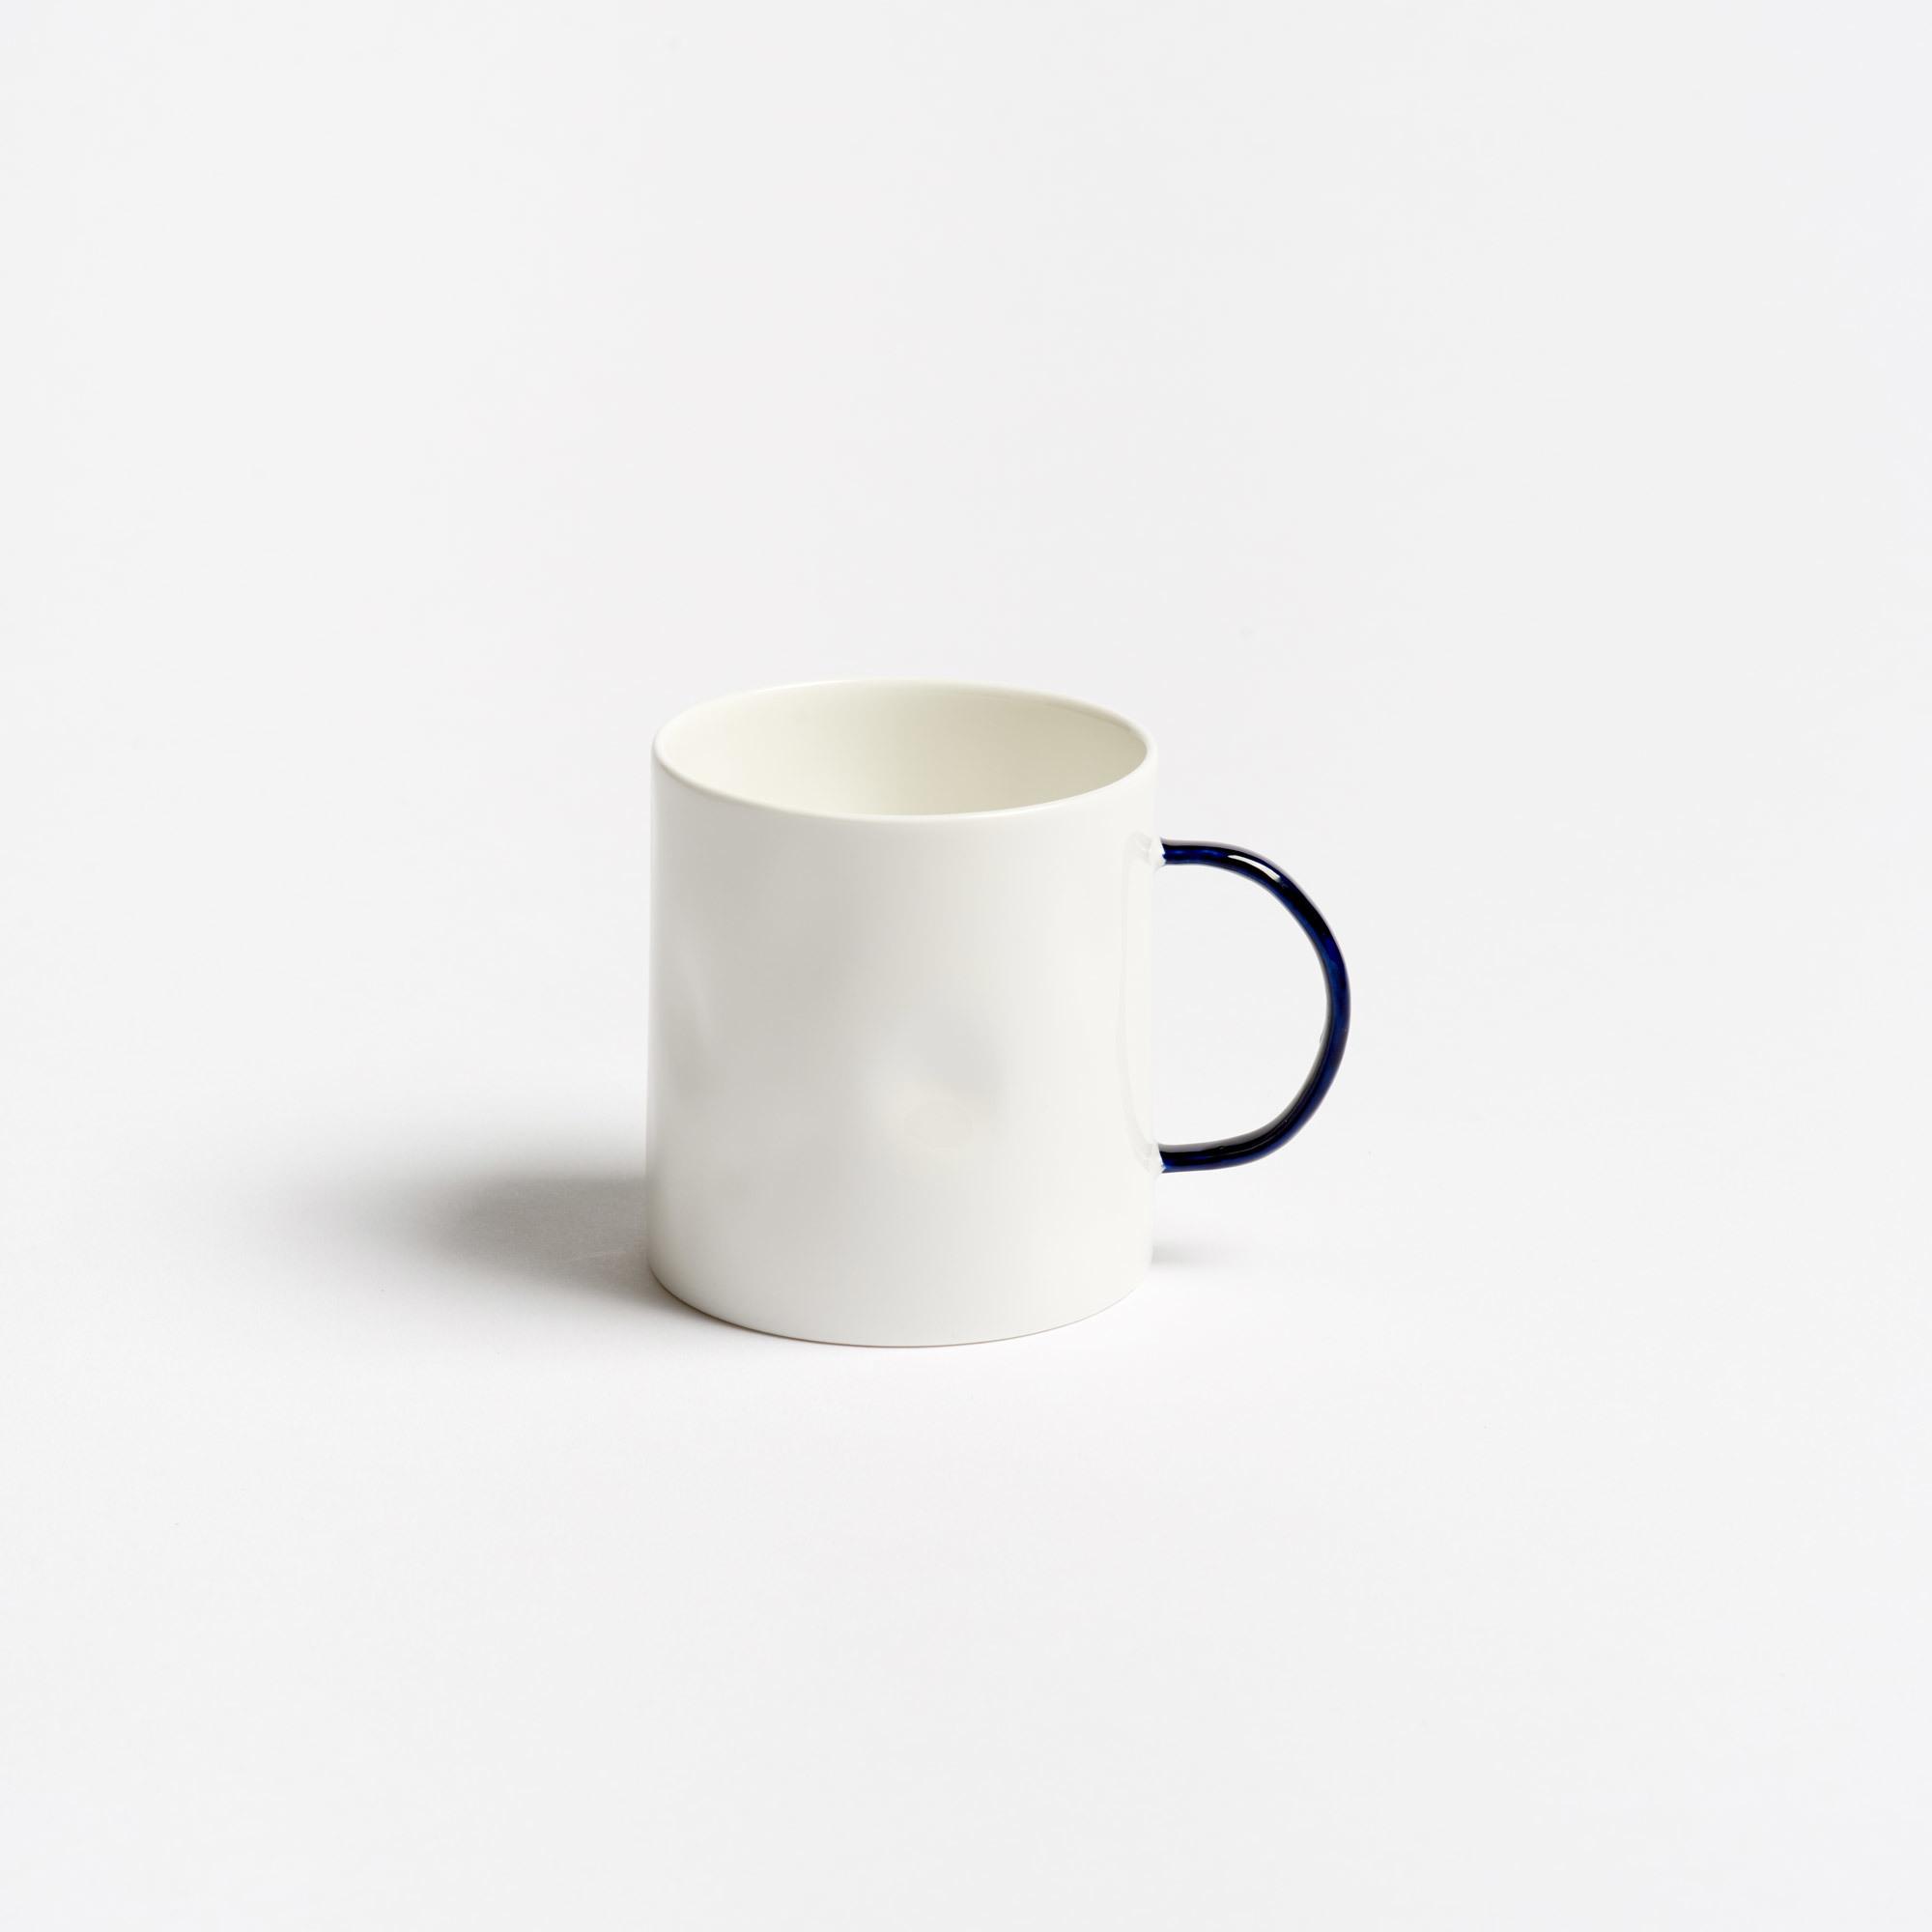 Fullsize Of Large White Coffee Mug